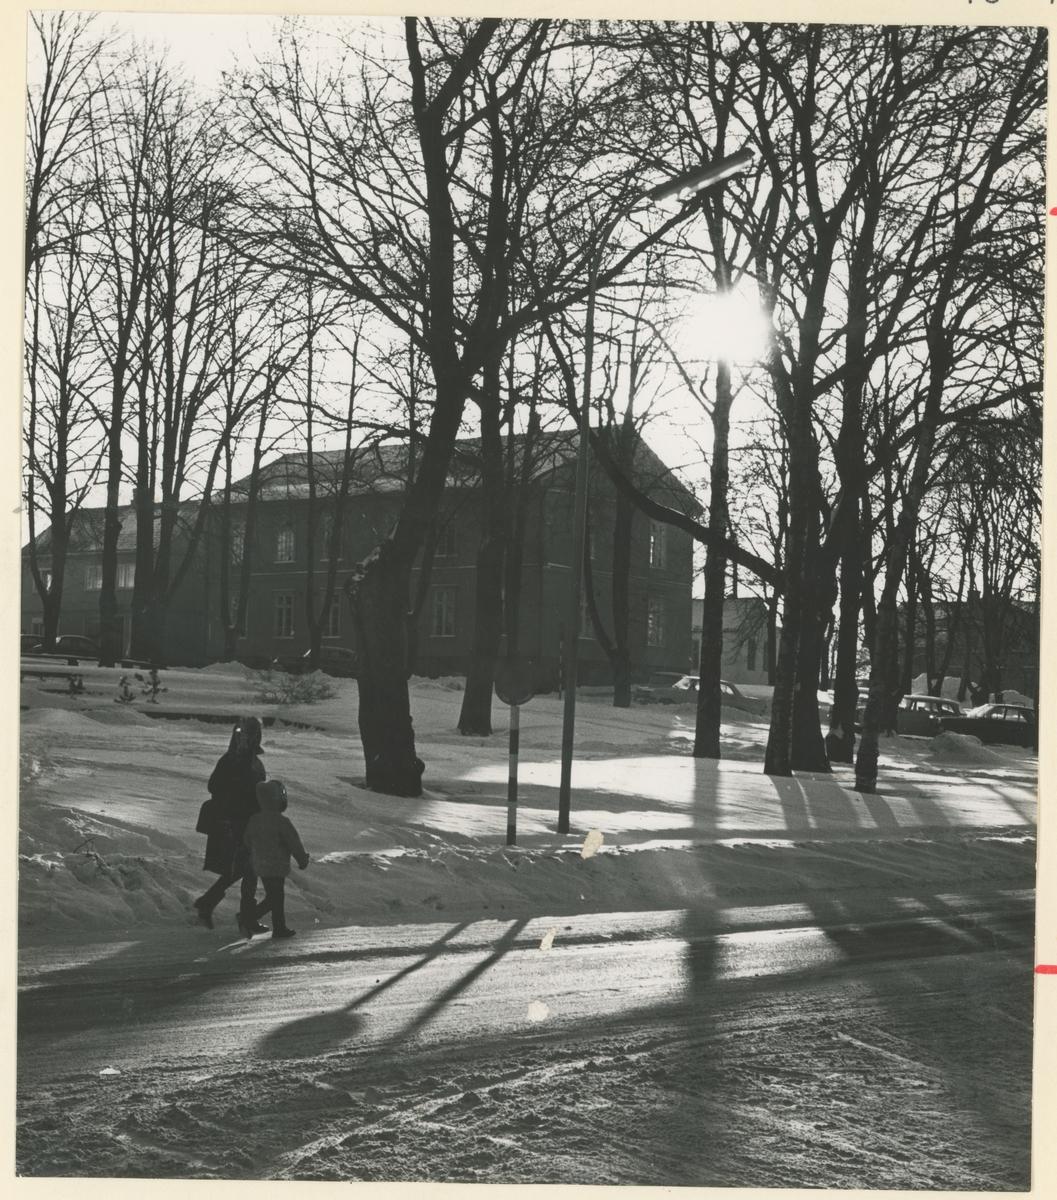 Tre gatebilder, 1970-årene. Trykk på pilen.  Bilde 1: Frithjof Nansens gate mot syd. Øverst til venstre: sykehushagen (det tidligere sykehuset).  Bilde 2: Fra Kirkeparken. I bakgrunnen: mursteinshus (leiegård) i Fleischers gate.  Bilde 3: Kirkeparken med Moss Lysverker sin tidligere administrasjonsbygning hvor også Magda Lauritzen hadde sin fotoforretning.